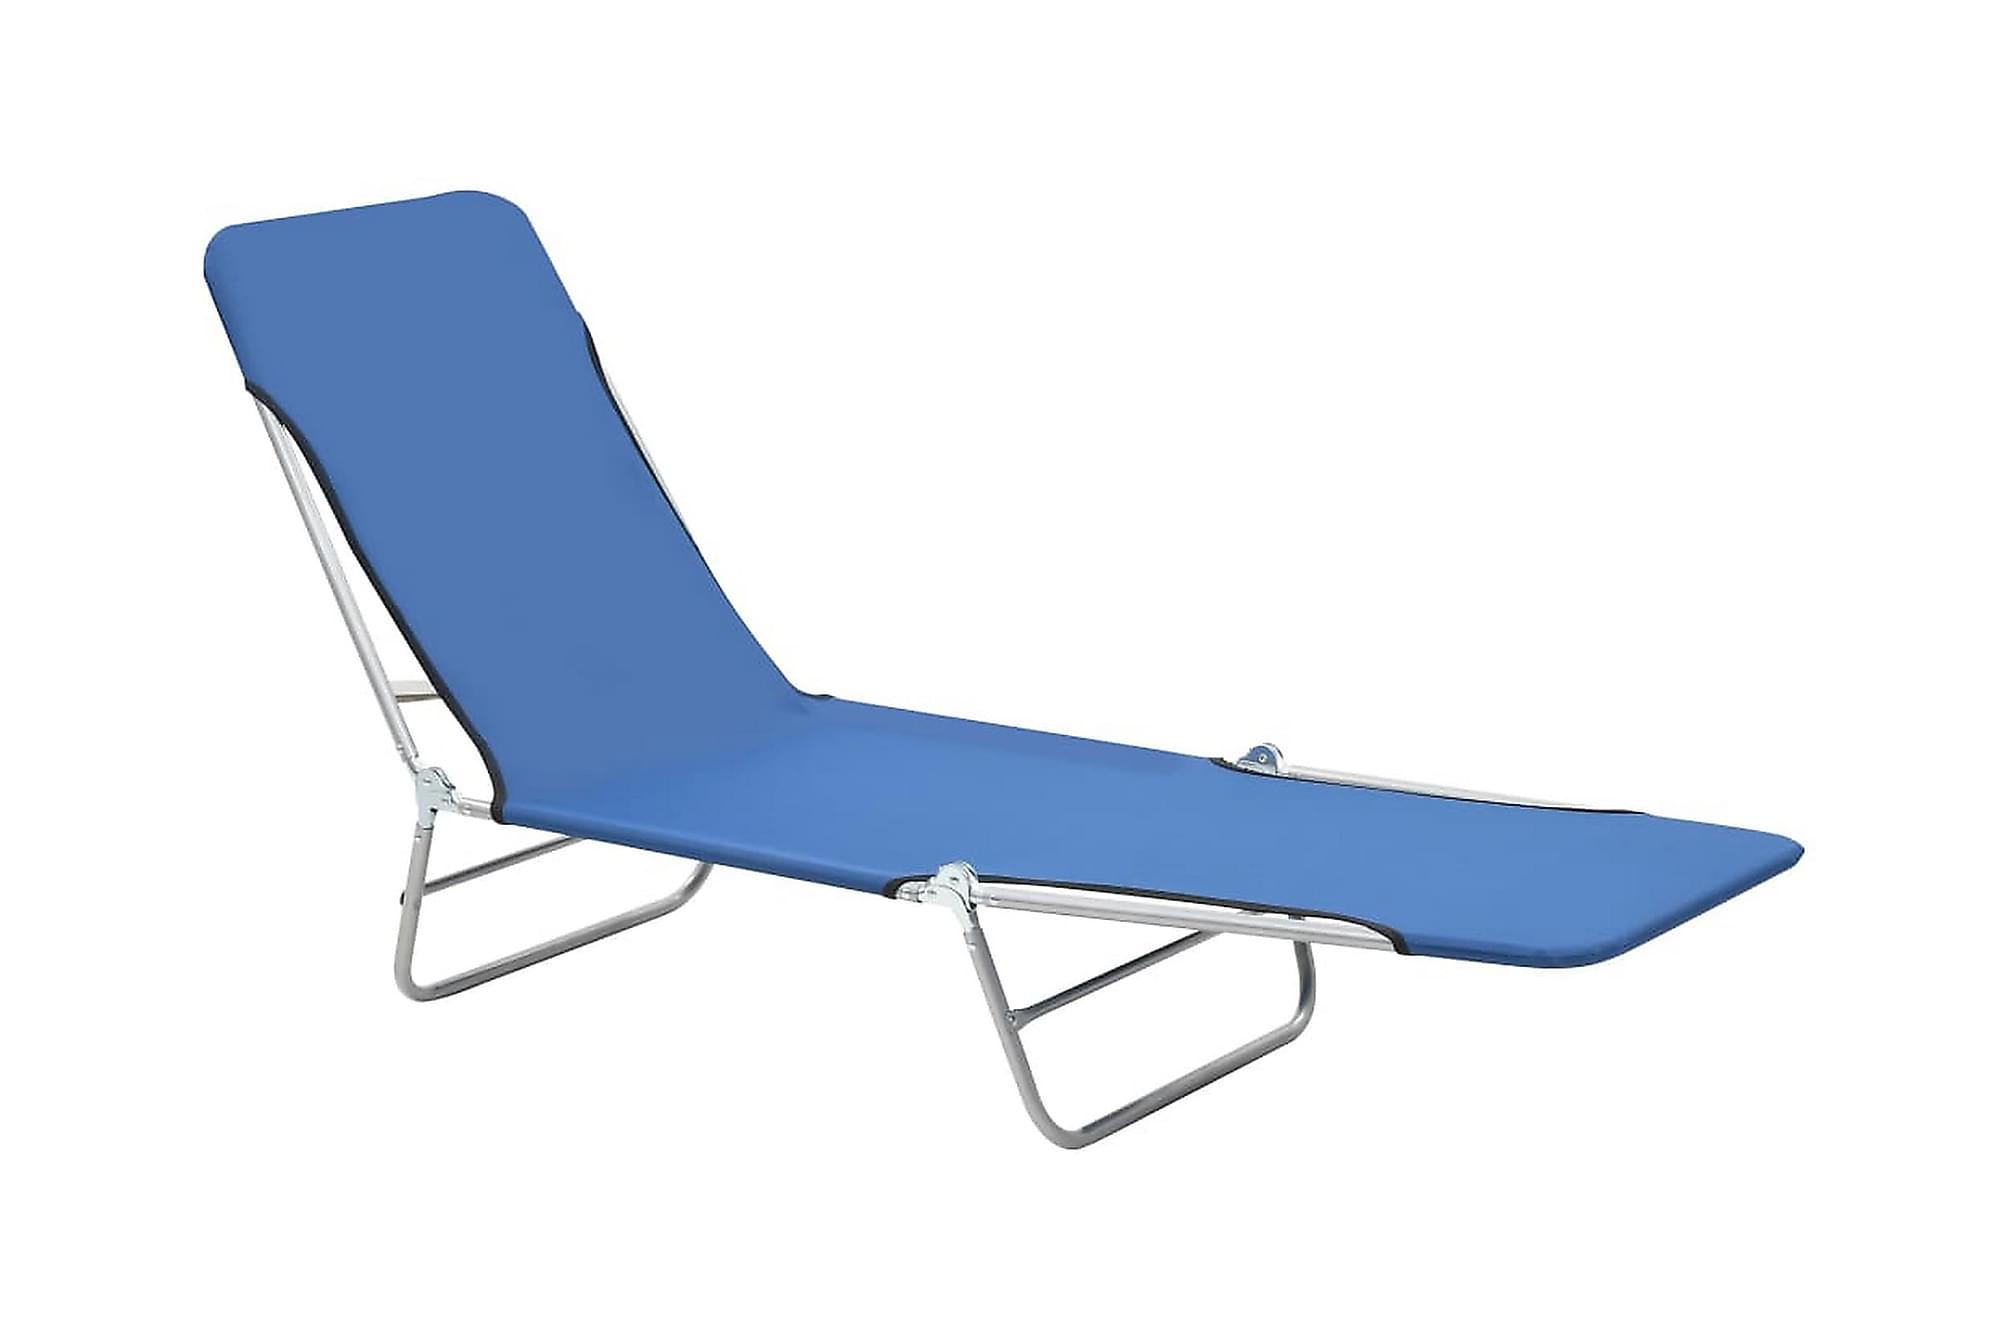 Hopfällbara solsängar 2 st stål och tyg blå, Solsängar & solvagnar